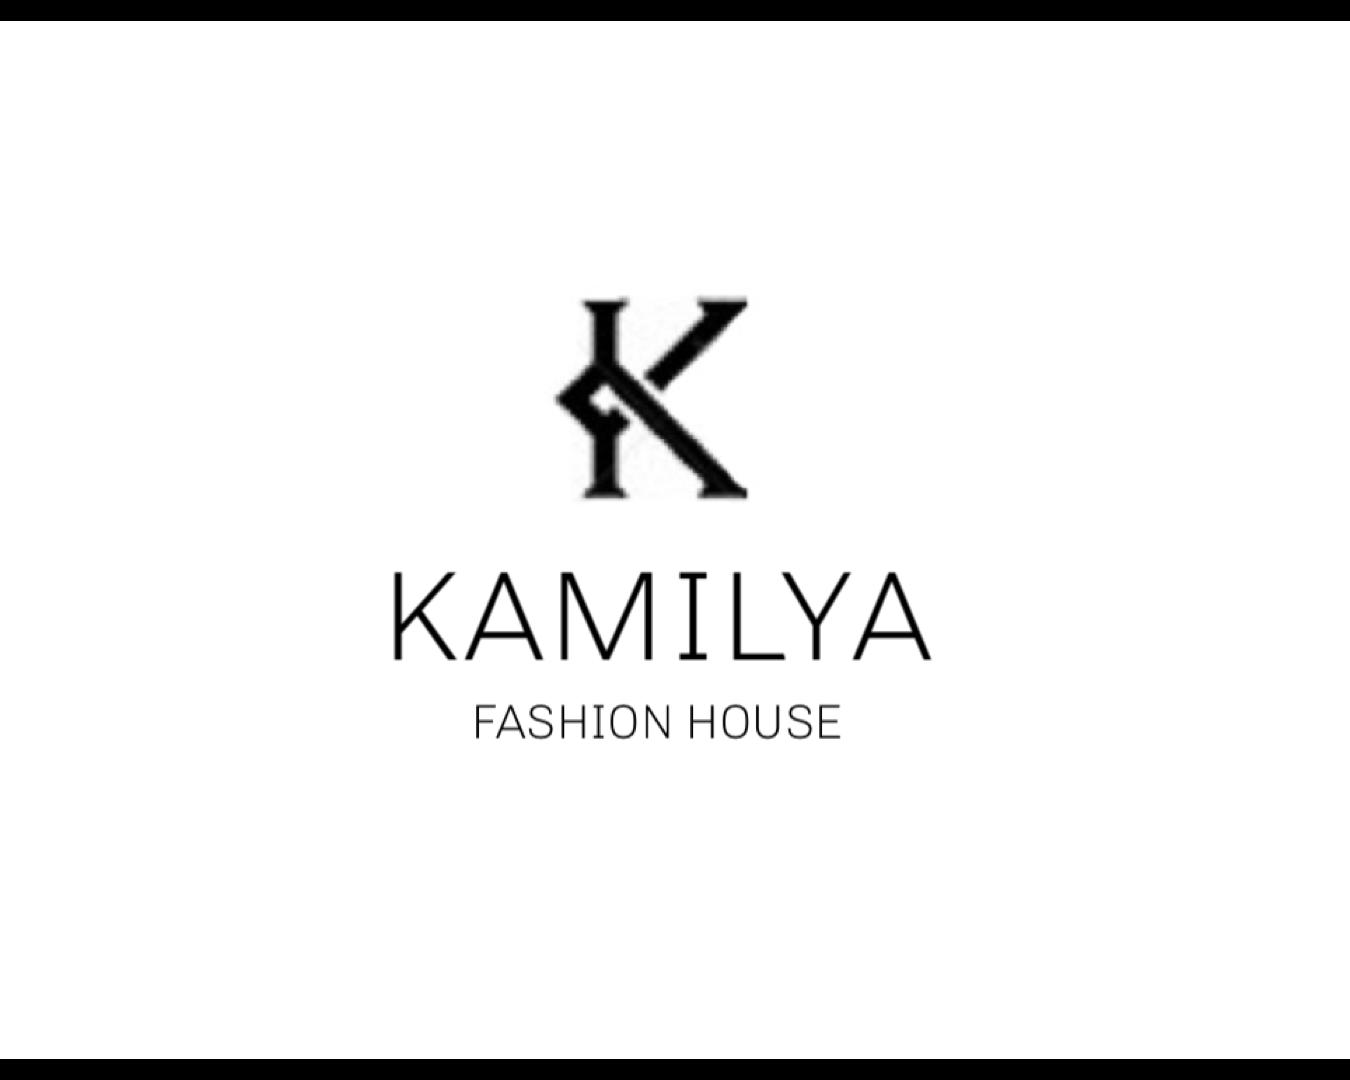 Kamilya fashion house